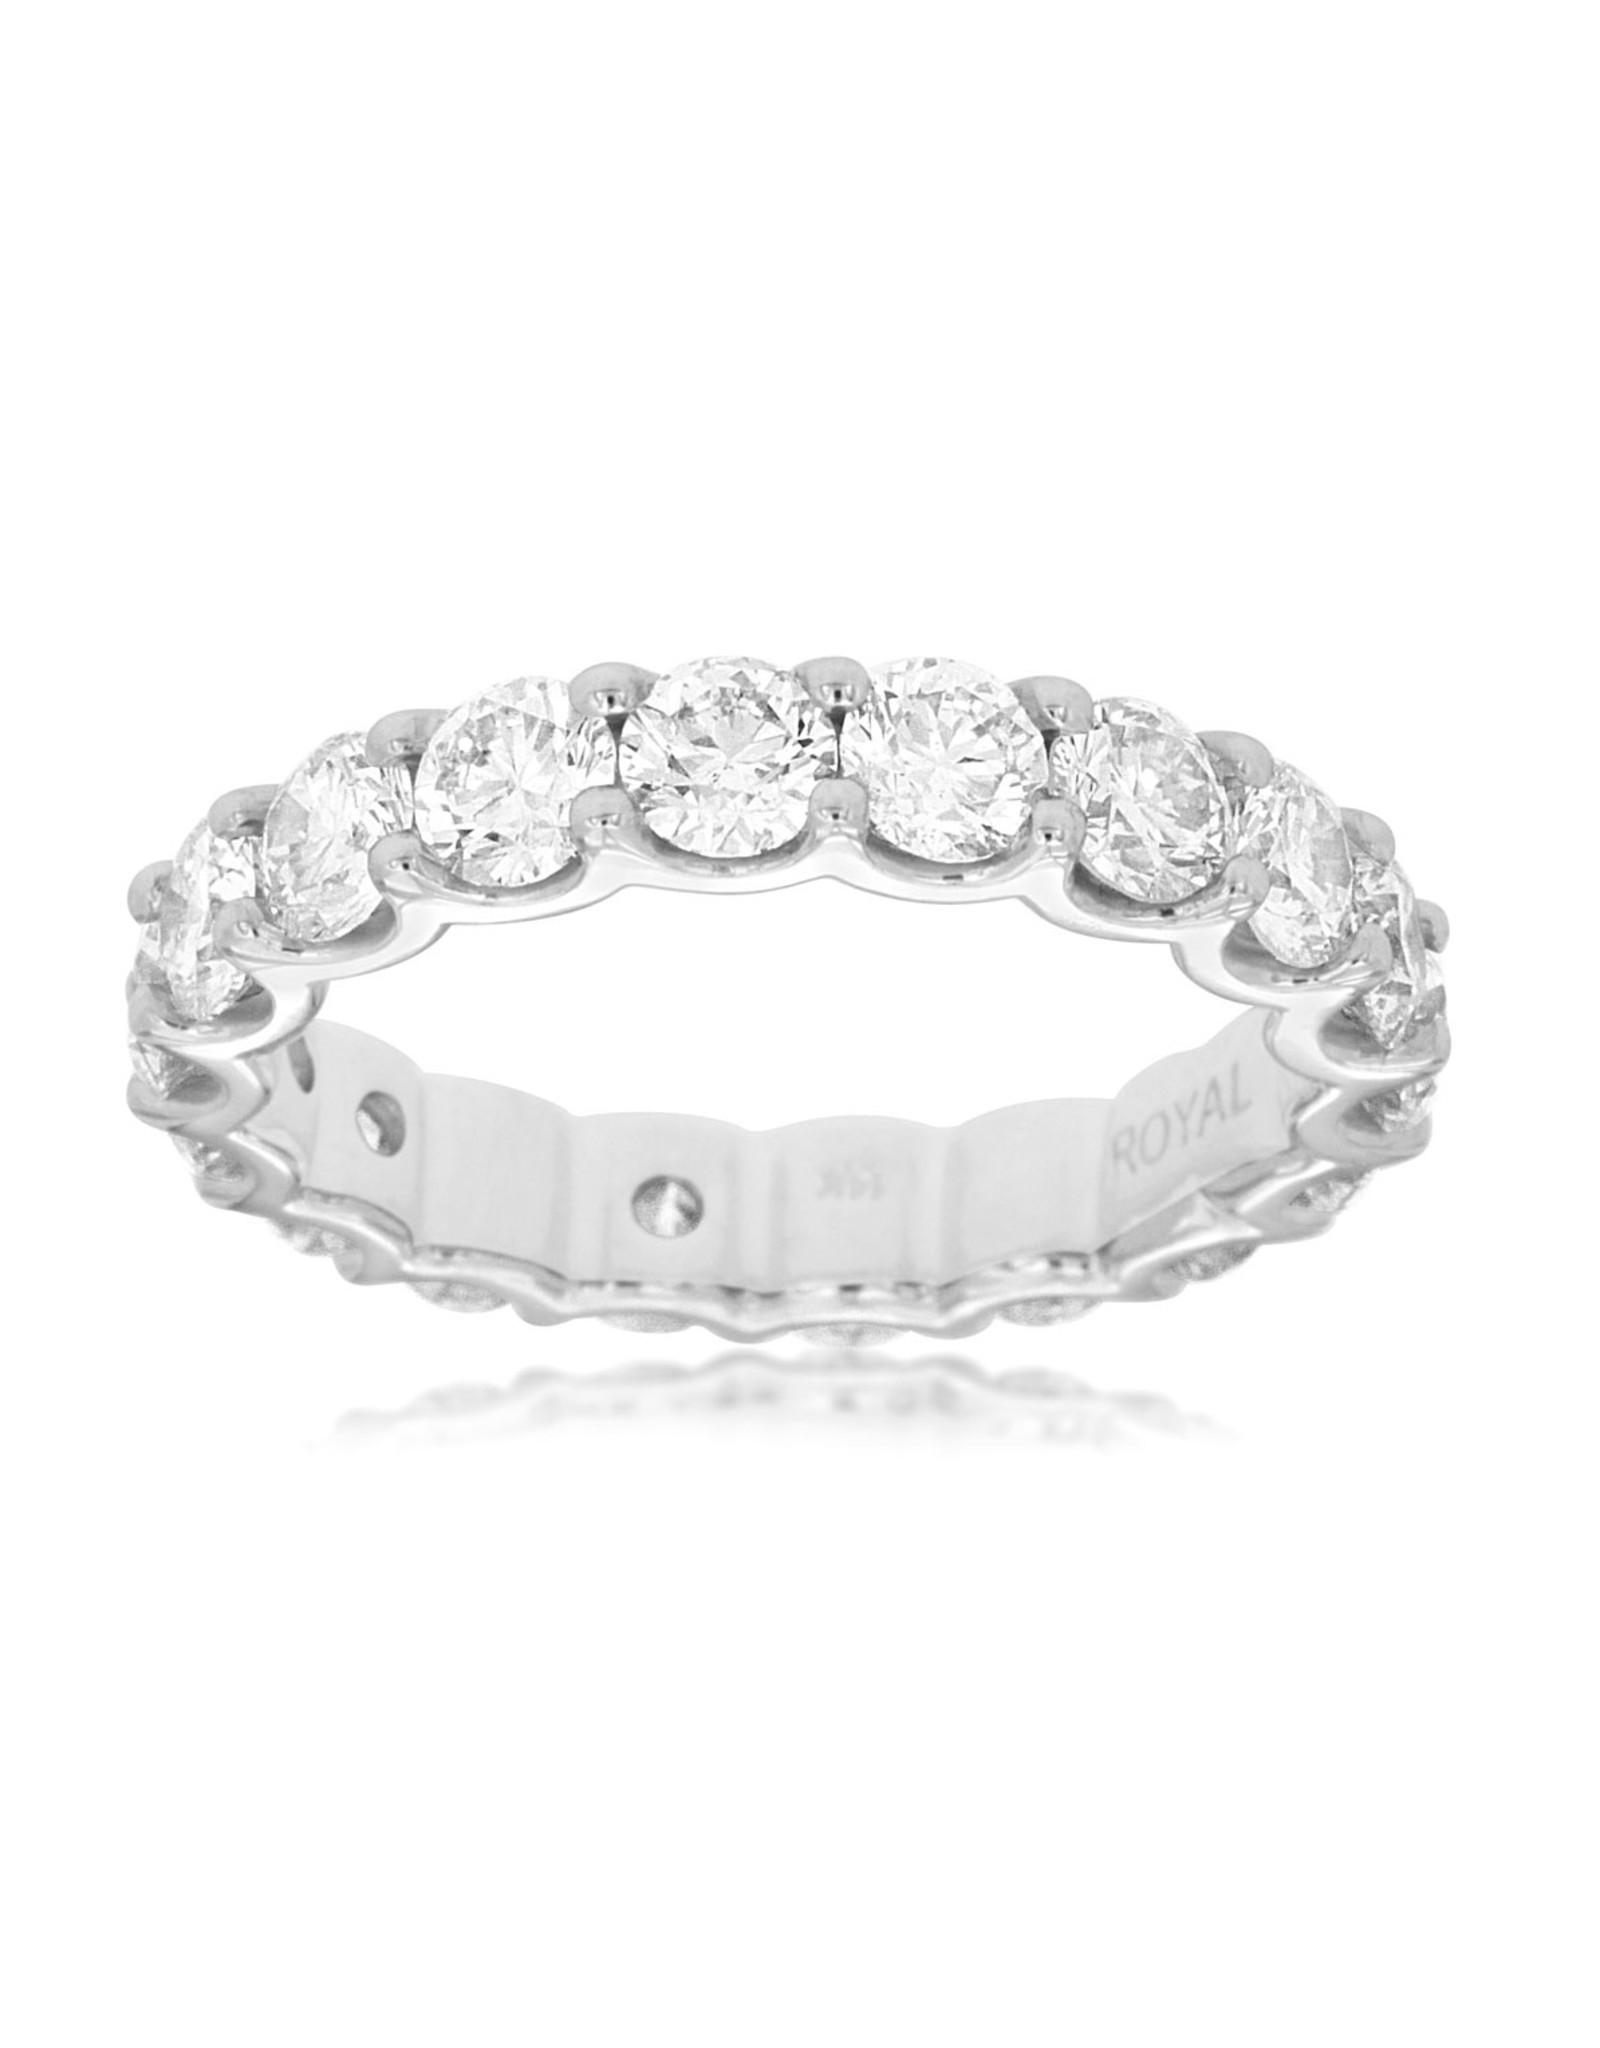 14K White Gold Diamond Eternity Ring, D: 3.50ct